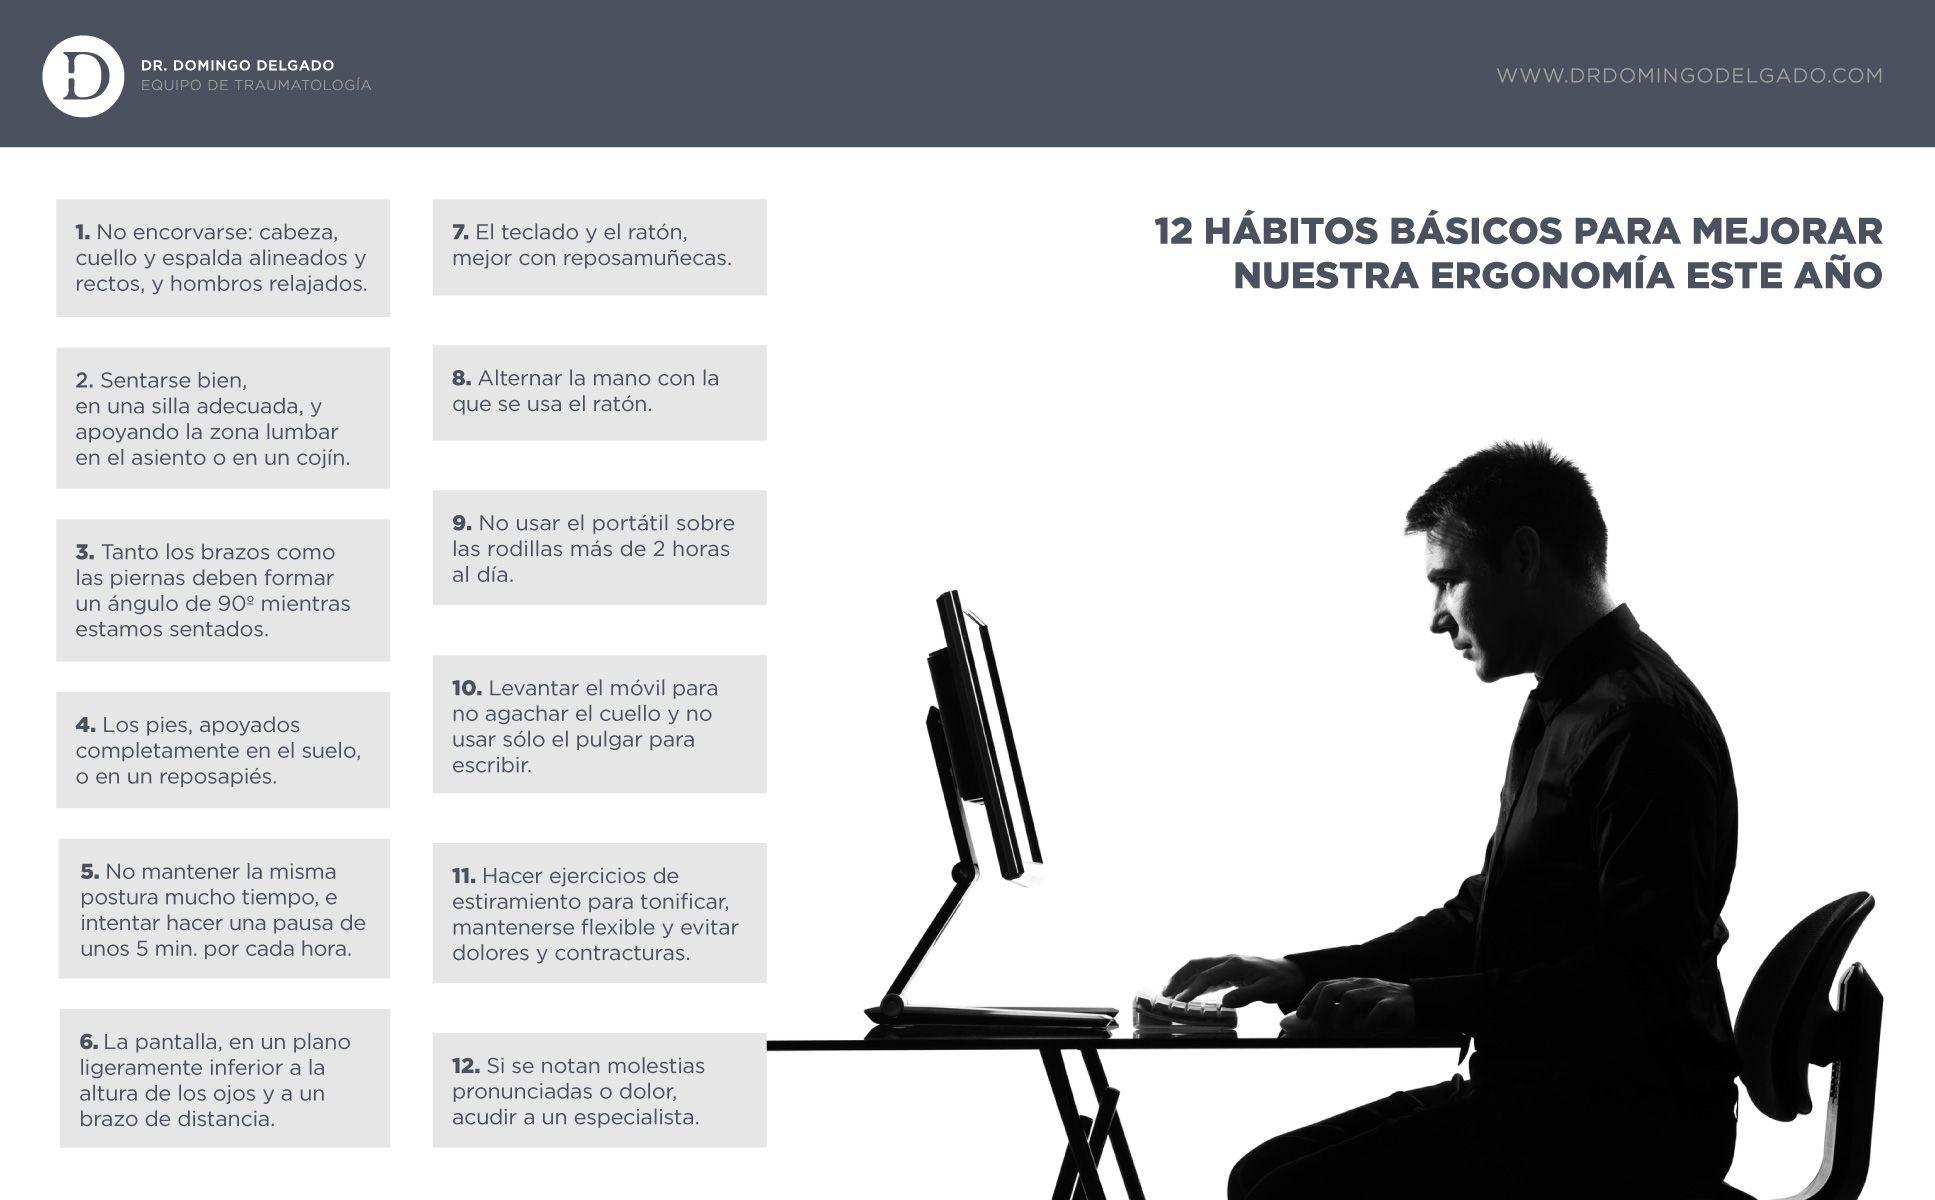 12 hábitos básicos para mejorar nuestra ergonomía